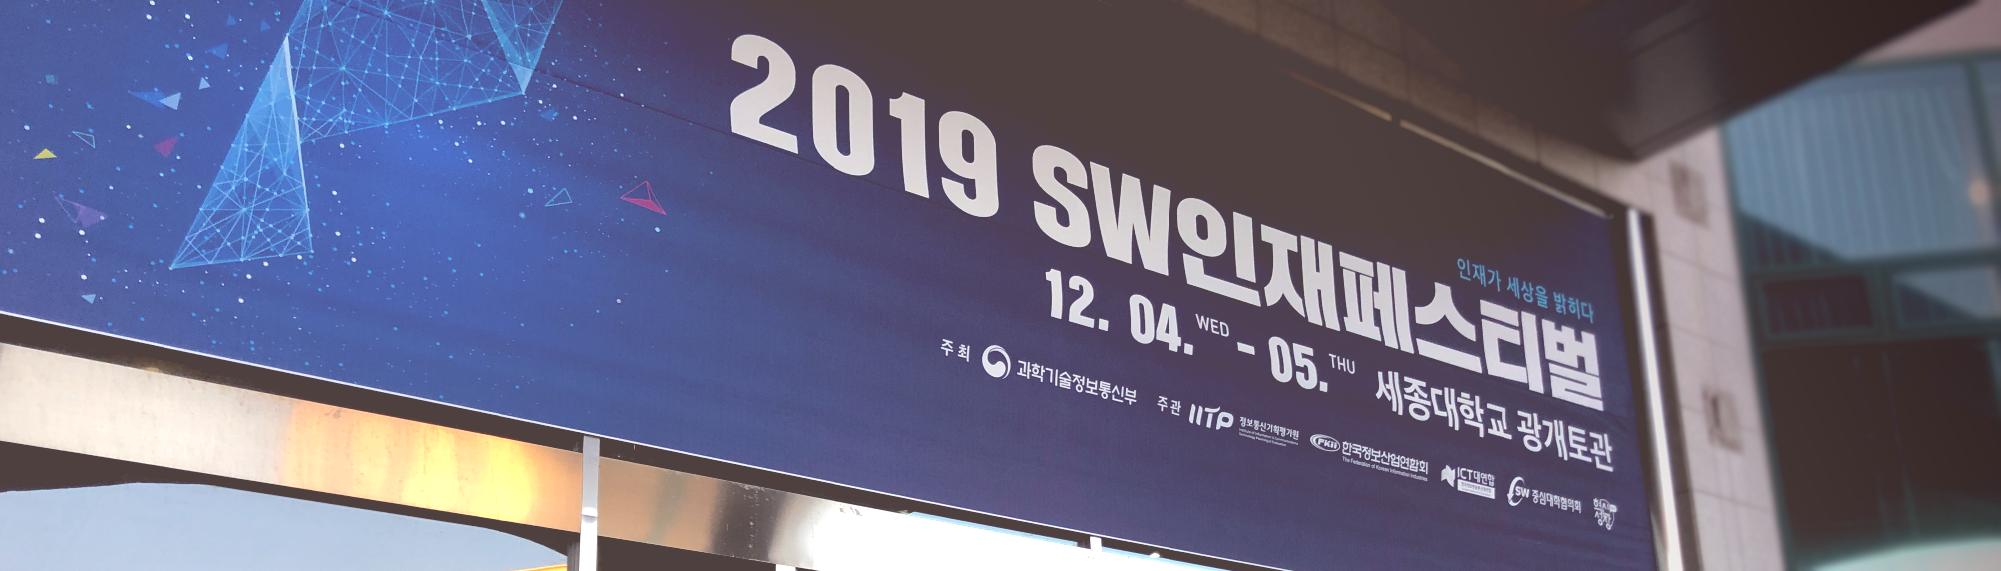 2019 한이음 엑스포 SW인재페스티벌